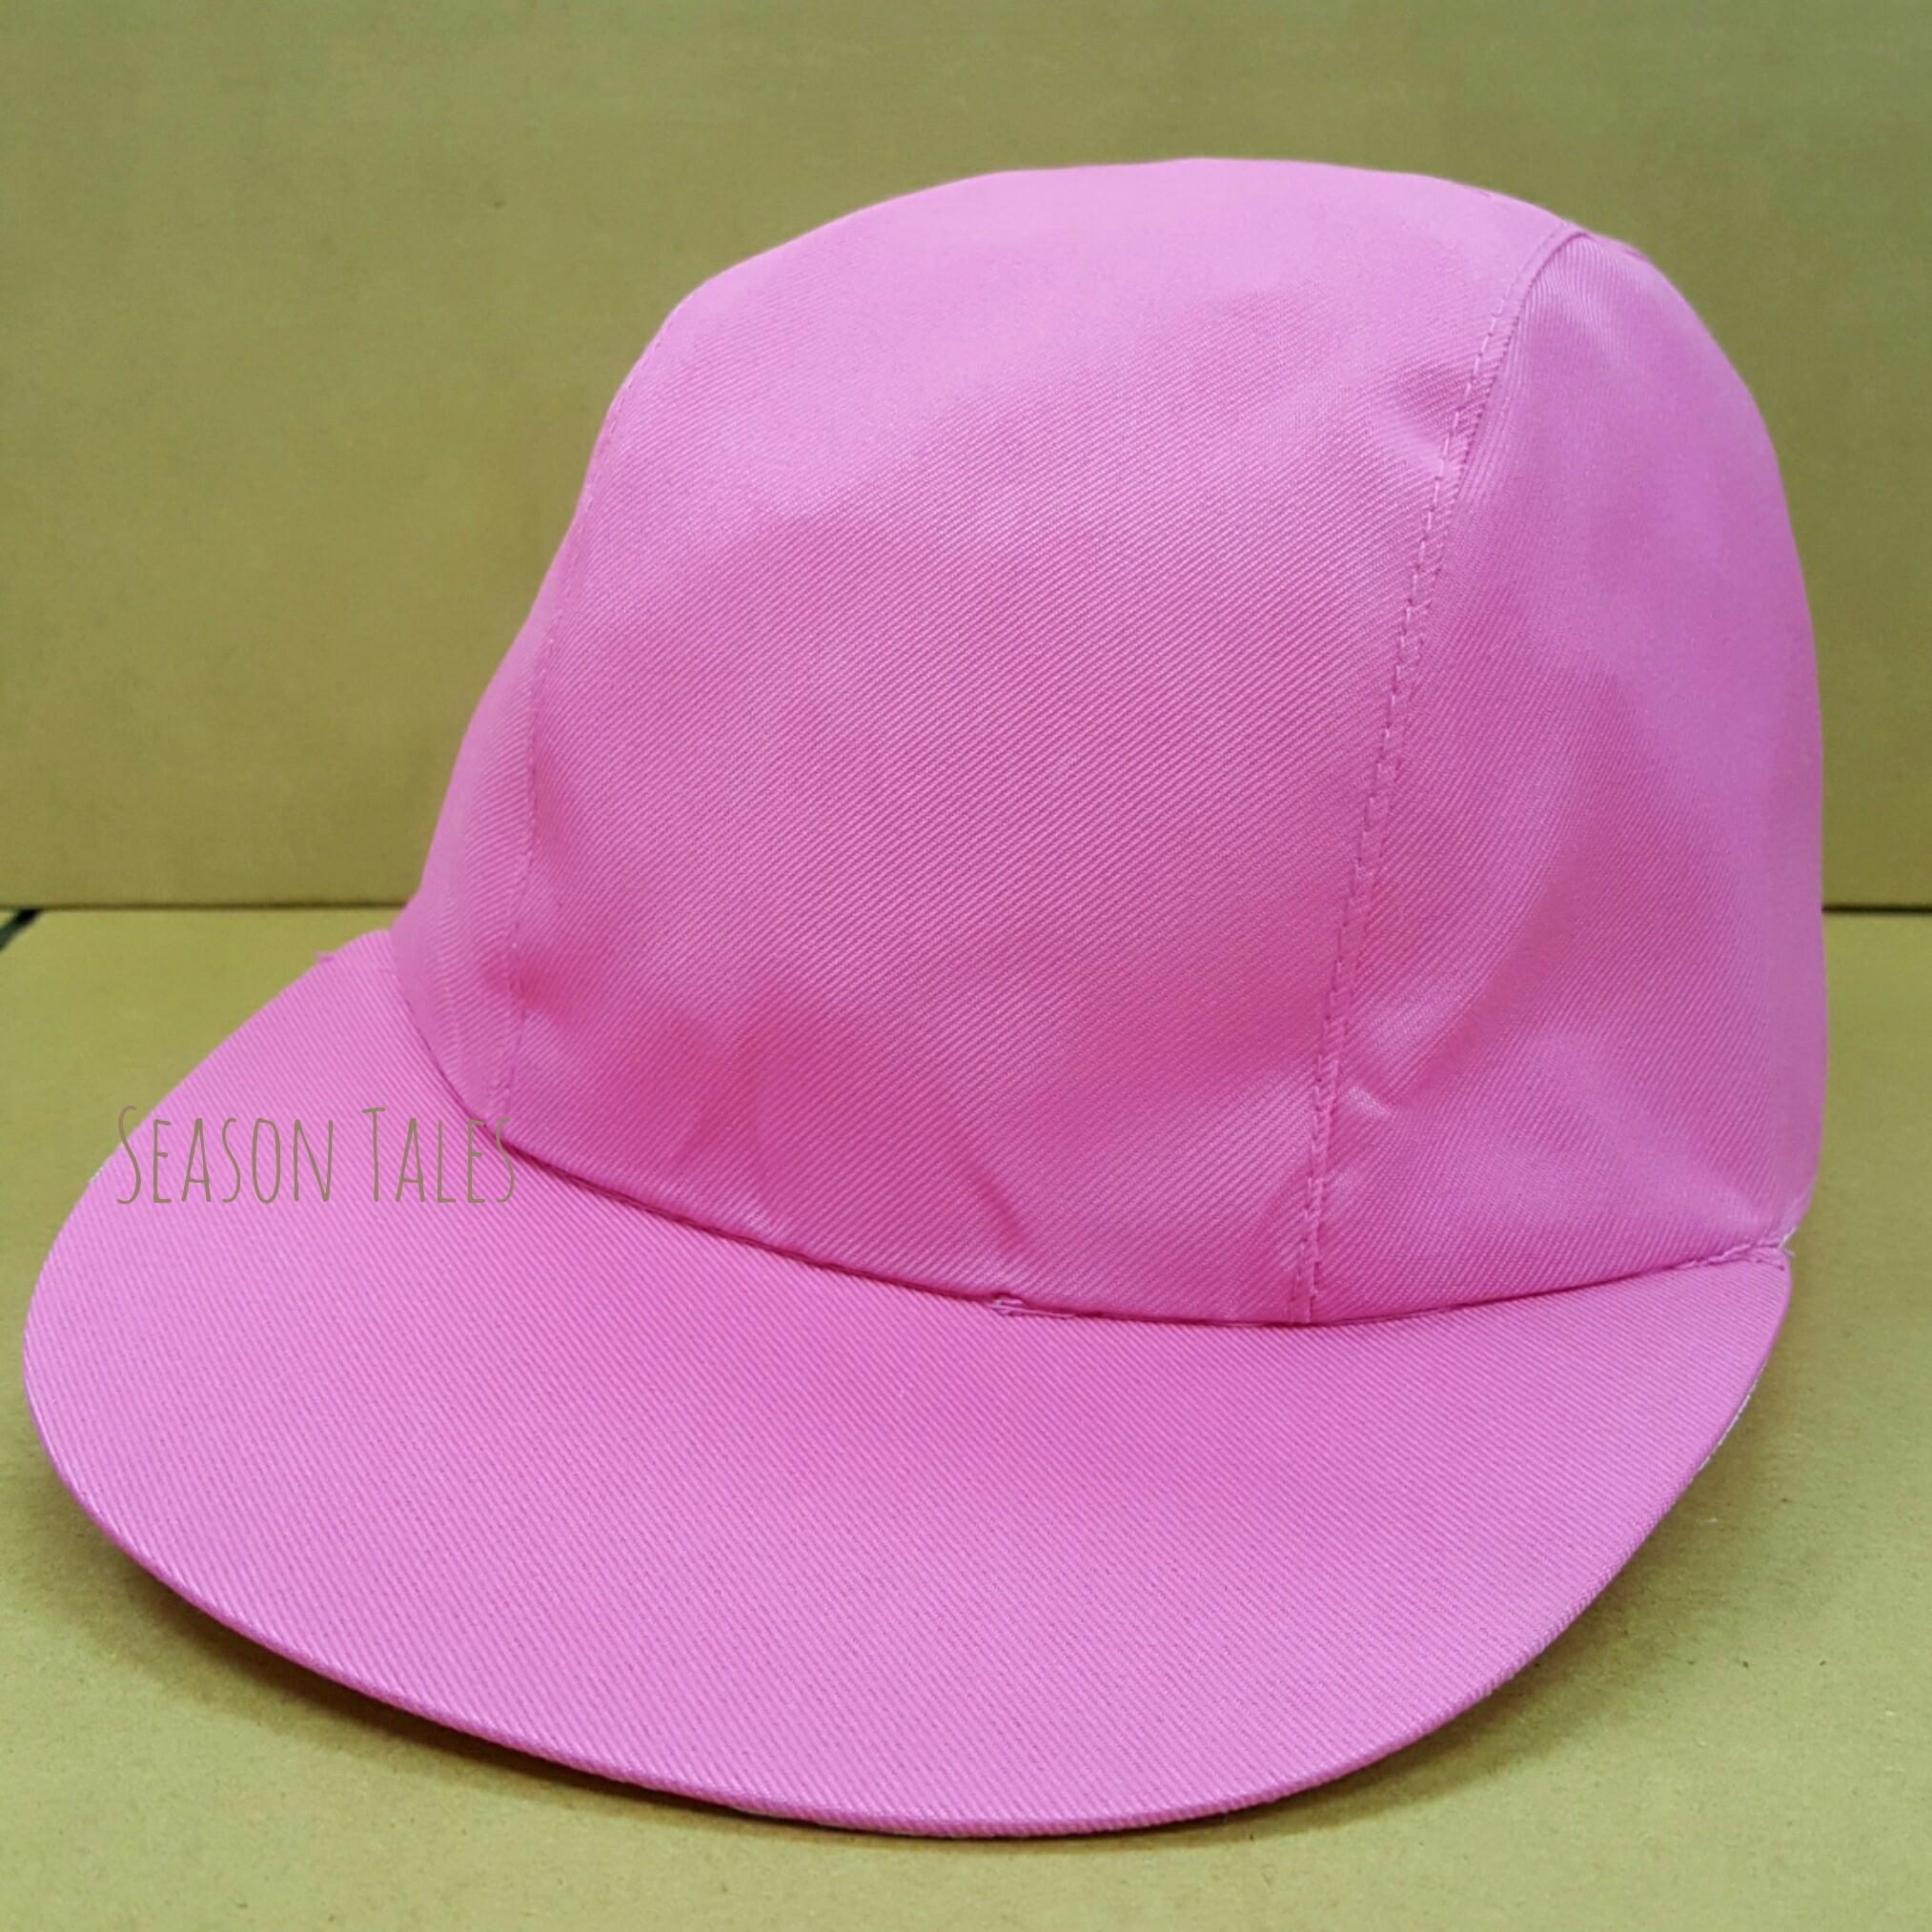 หมวกแก๊ป กีฬาสี สีชมพู ราคาถูกสุดๆ (สั่งในเว็บไม่ได้ สั่งผ่านLine เท่านั้น)